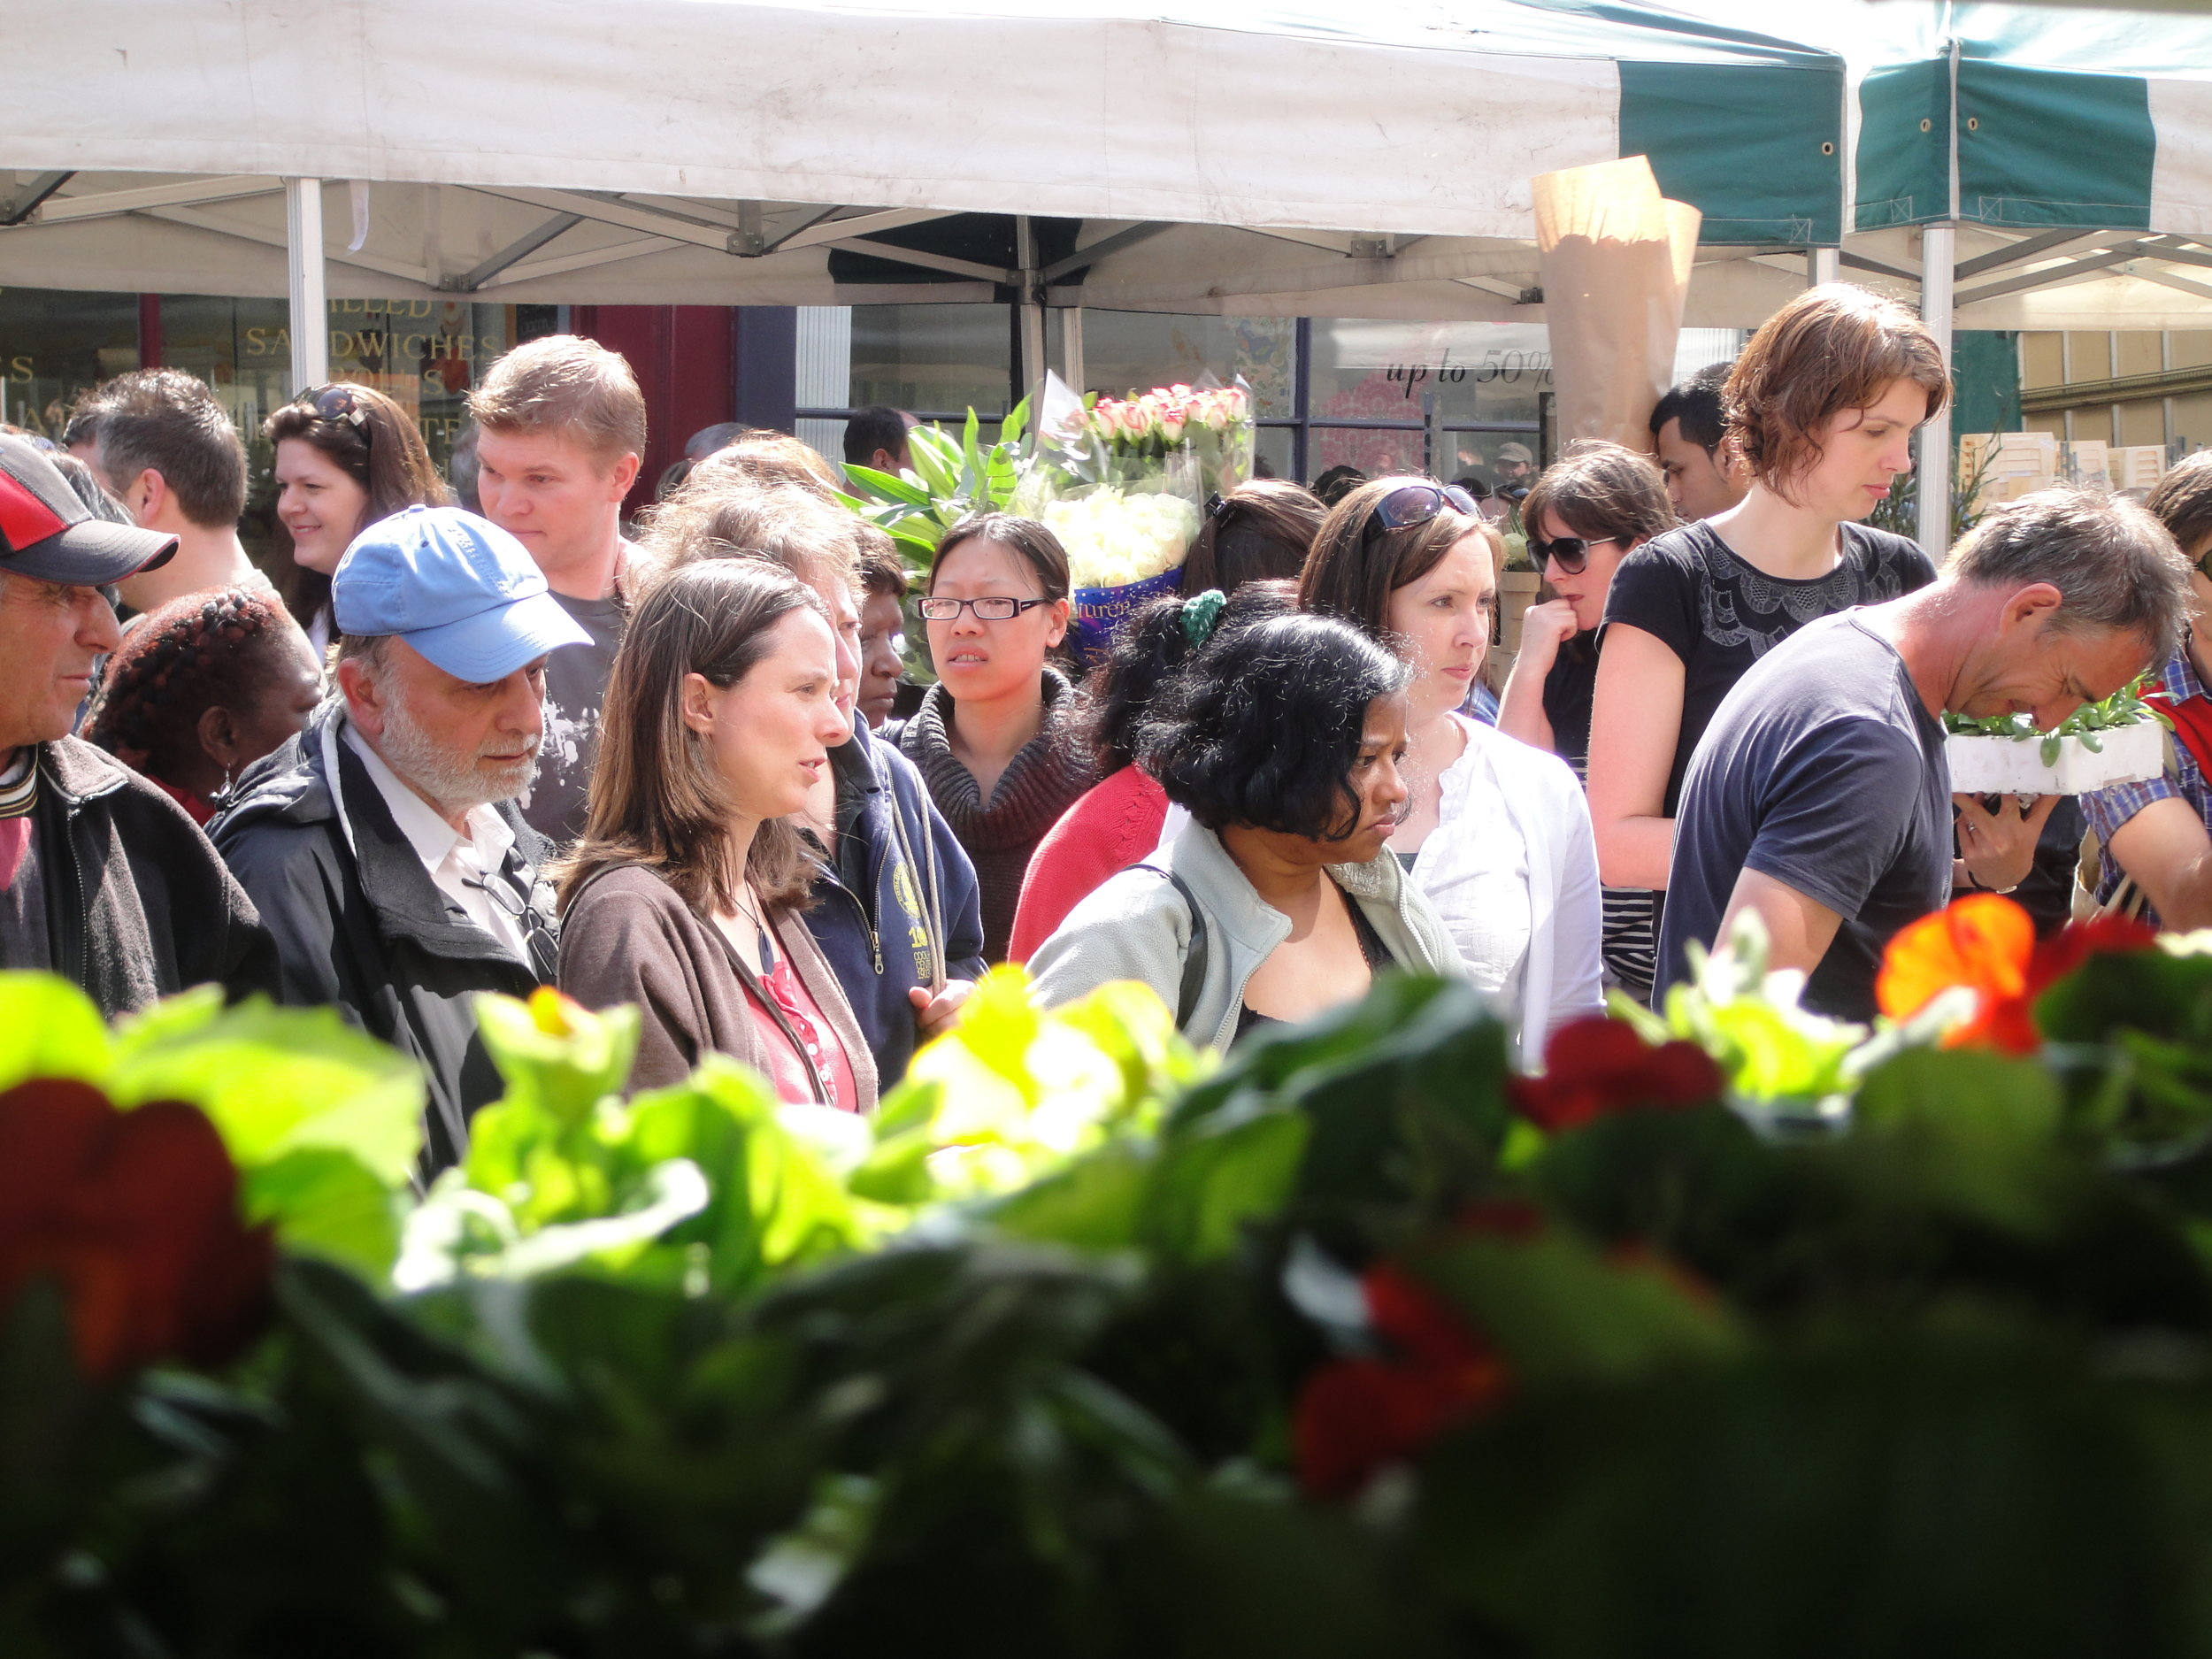 Columbia Road Markets 18 April